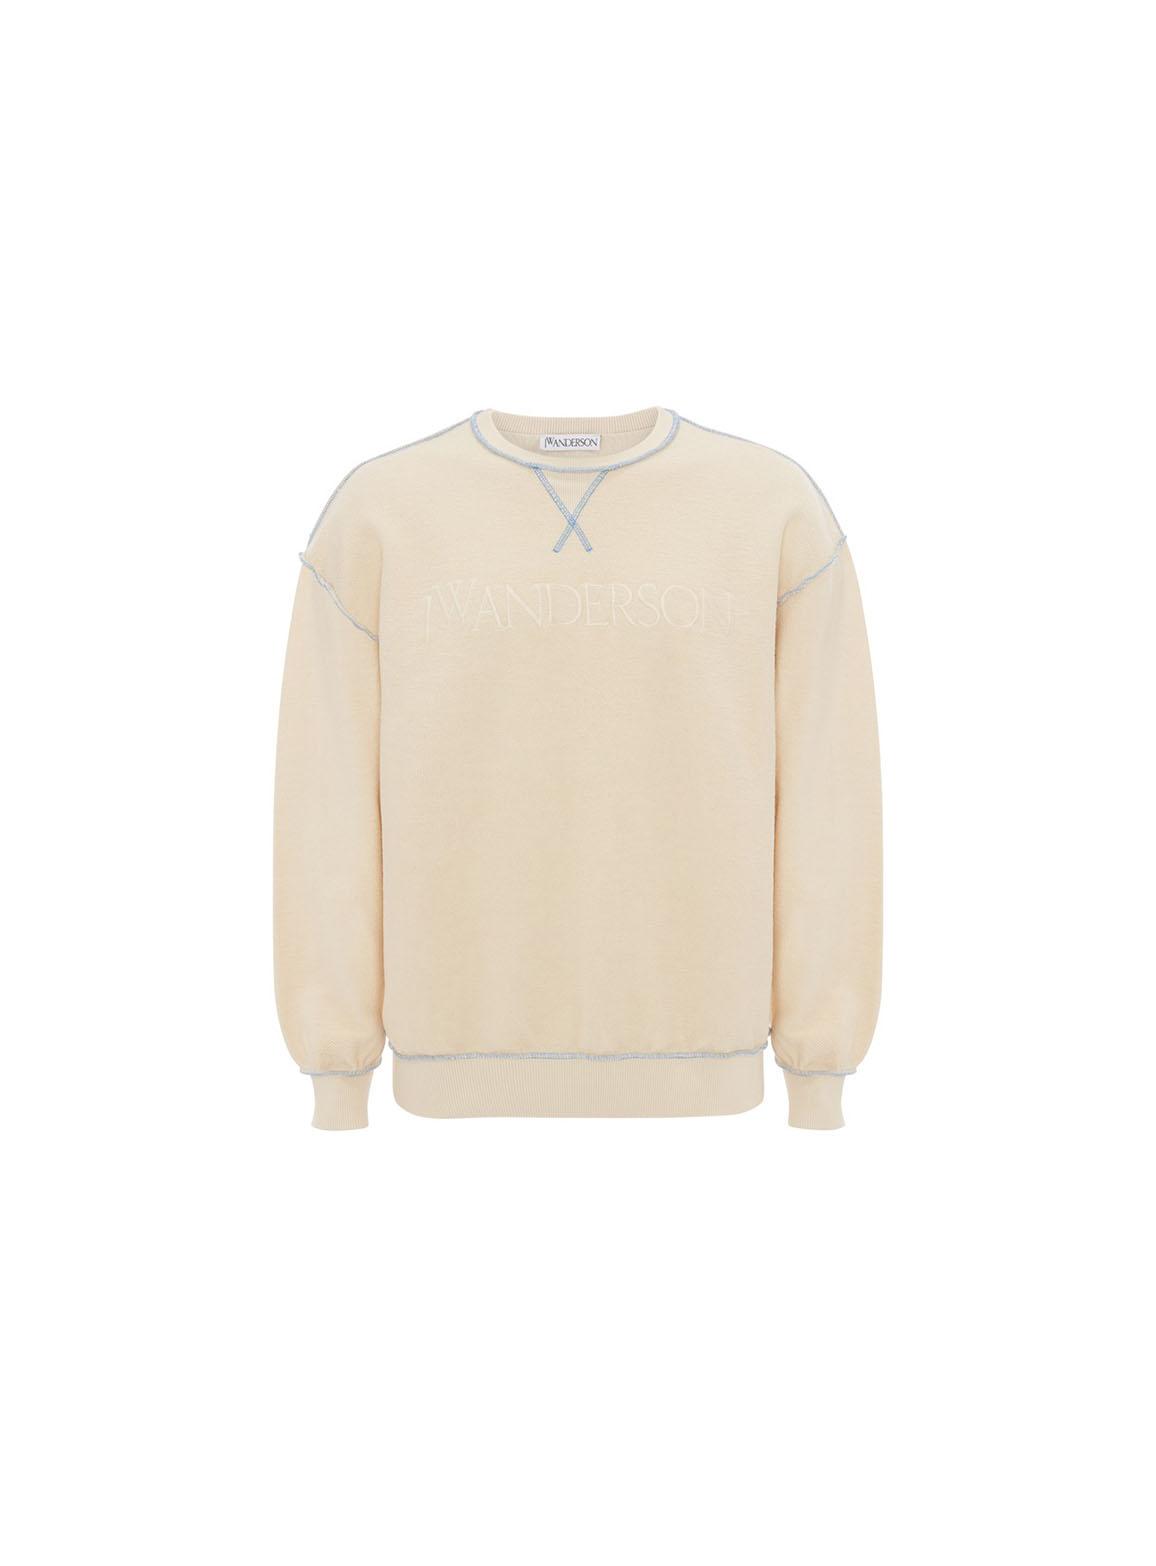 Inside-Out Contrast Sweatshirt